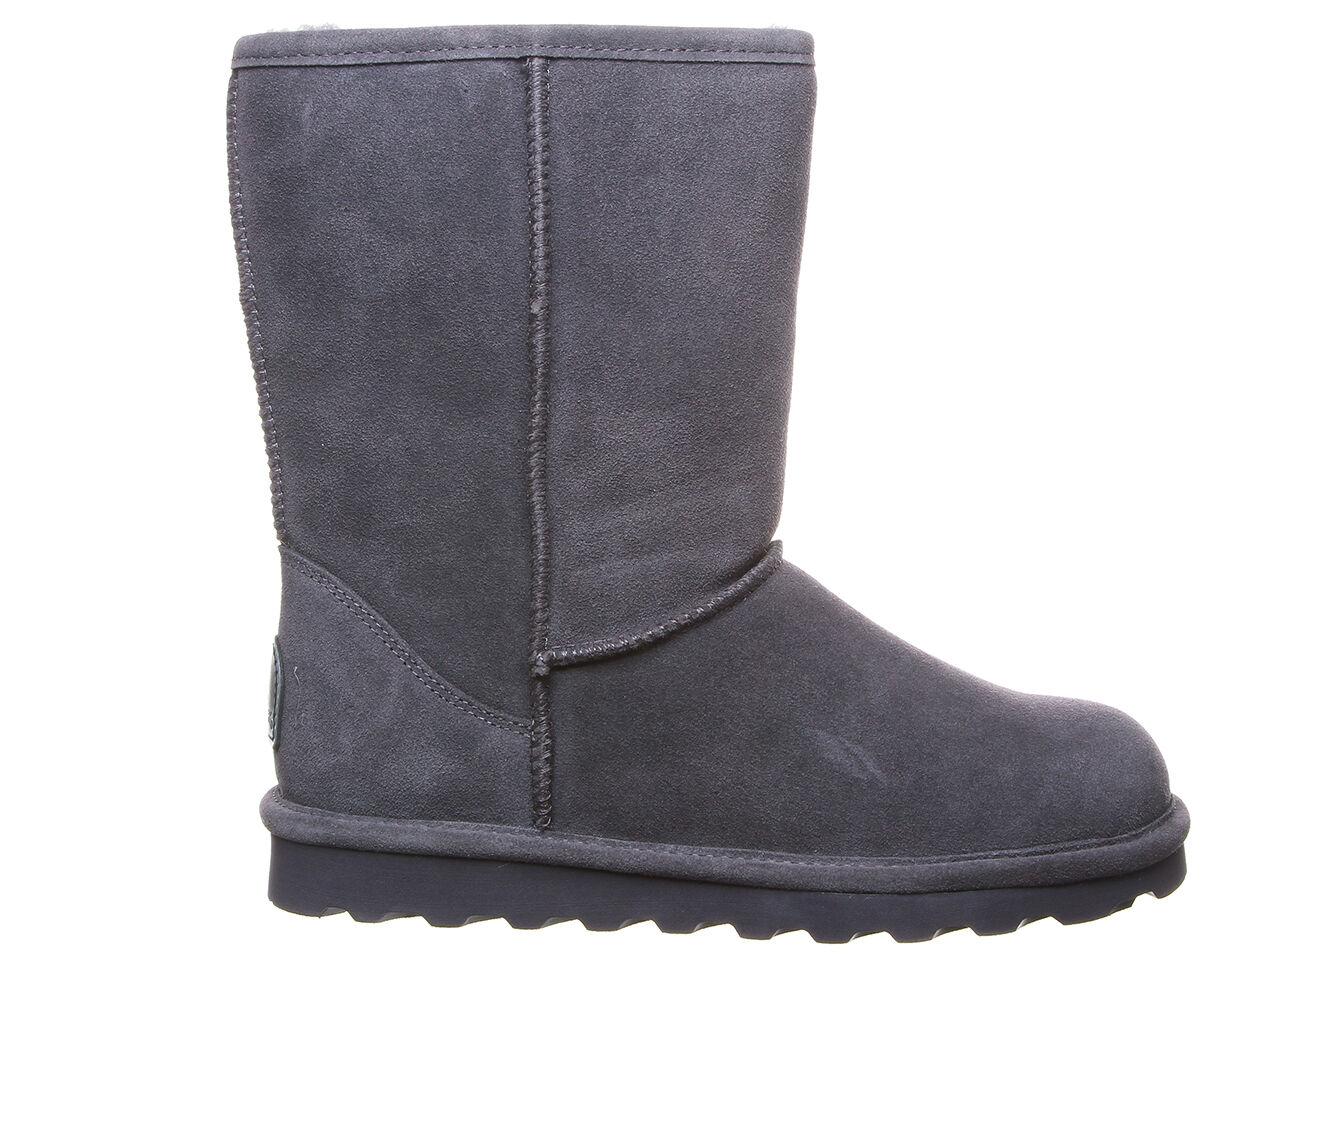 Women's Bearpaw Elle Short Wide Boots Charcoal